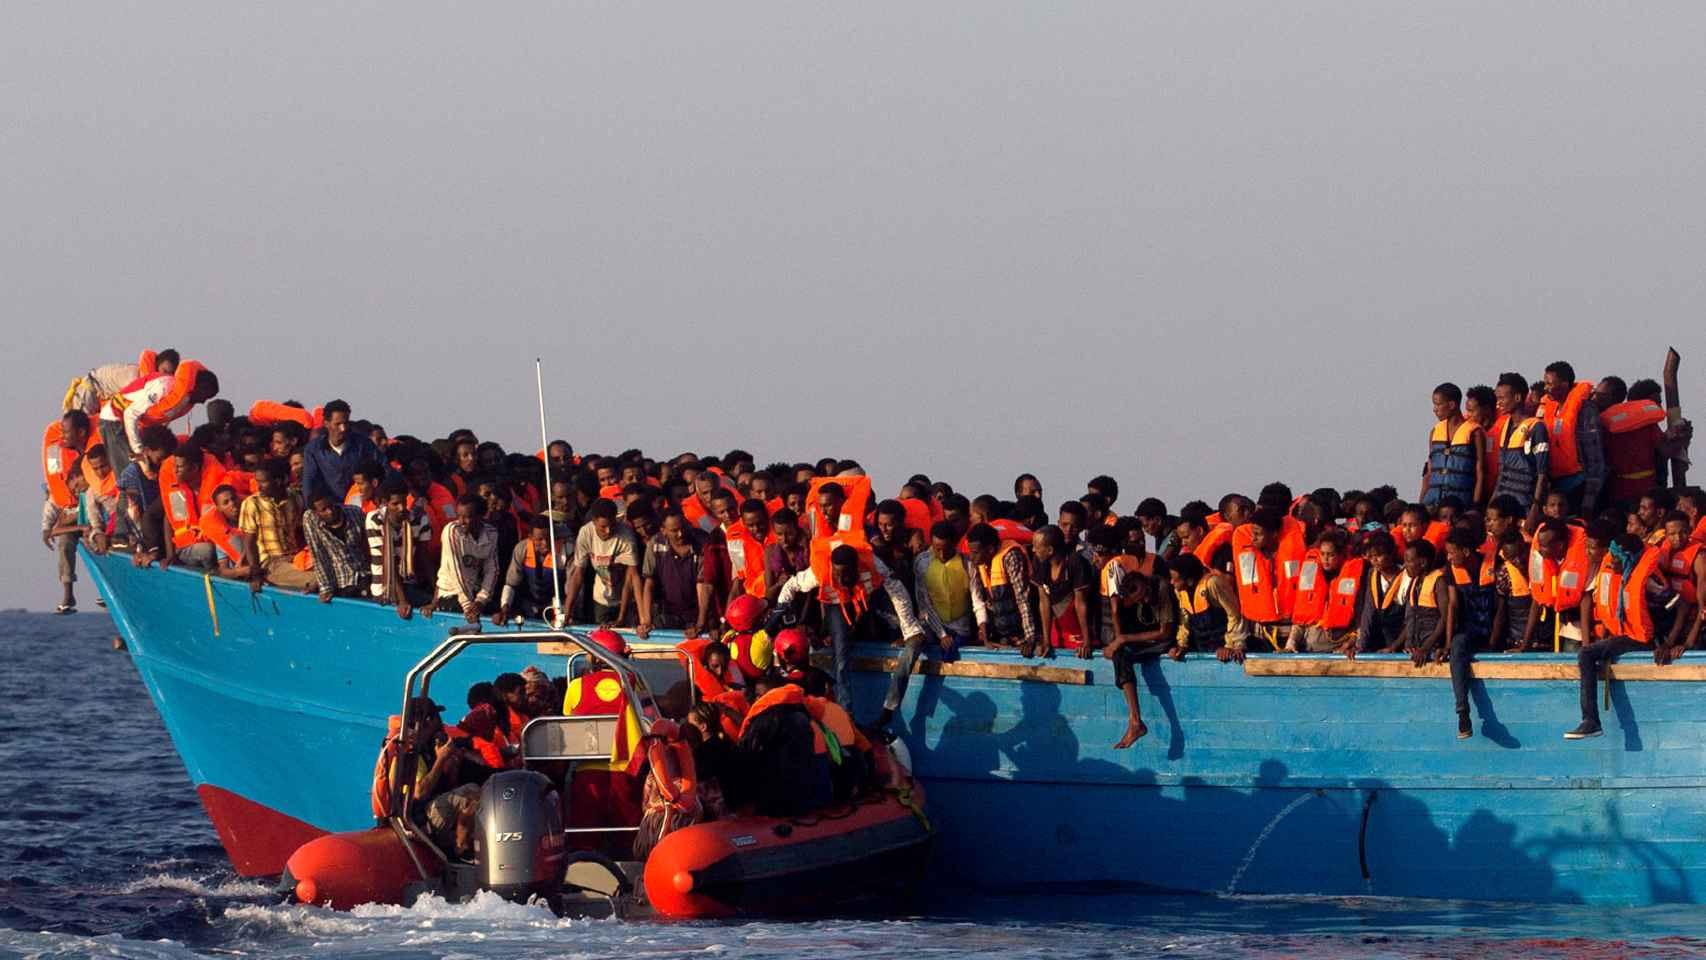 En la barca de madera viajaban entre 600 y 700 personas según MSF.